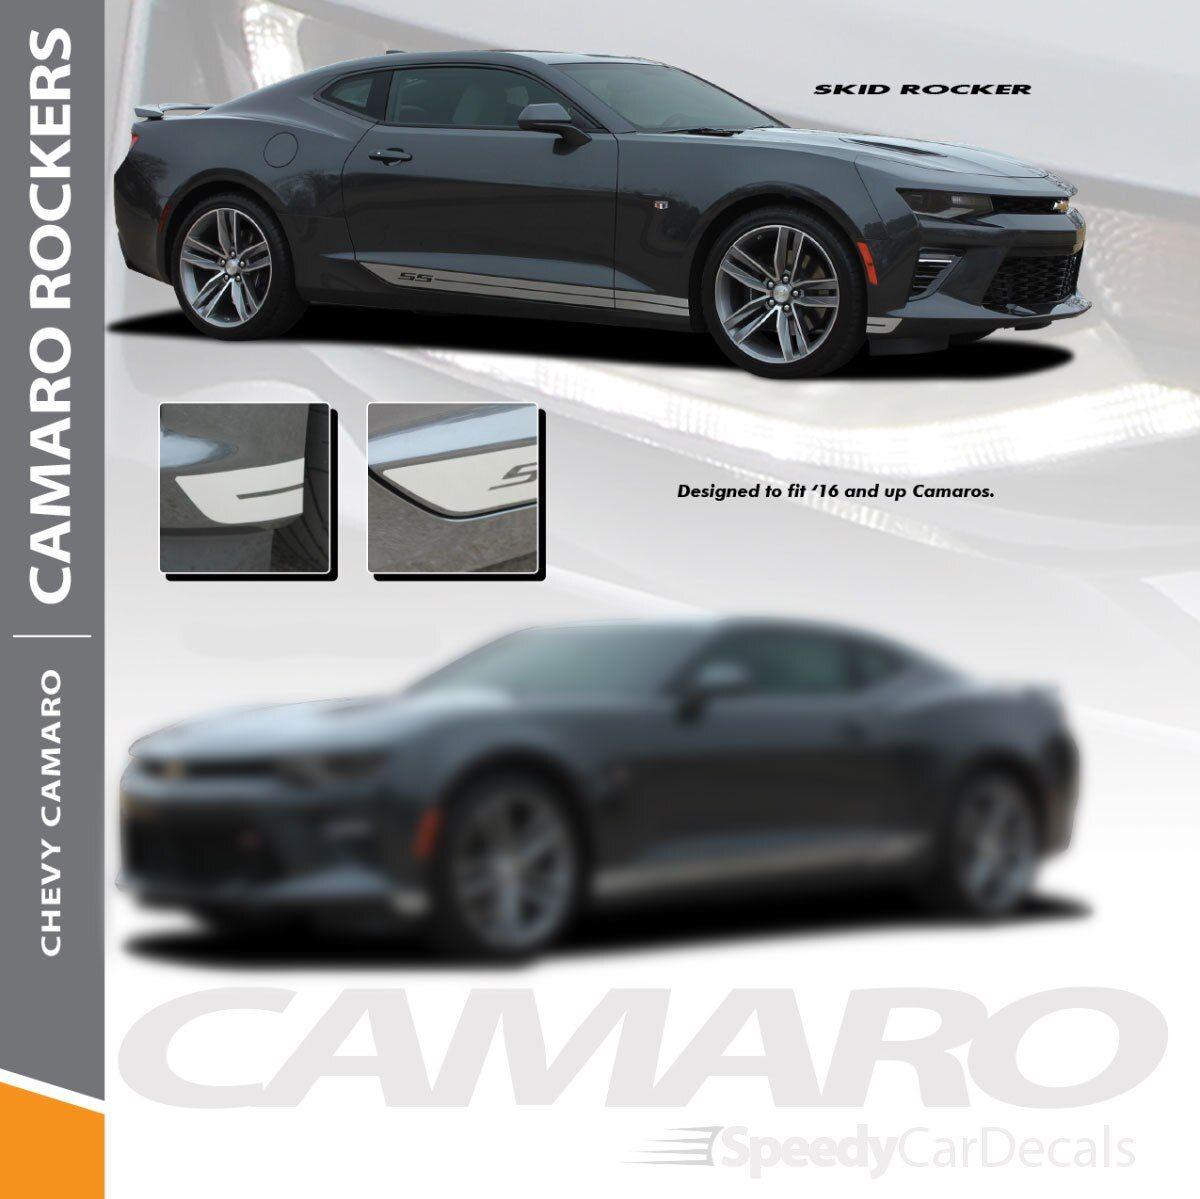 Camaro Side Decals Skid Rocker 2016 2018 Rocker Stripe Lower Graphics Premium And Supreme Install Vinyl Automotive Aut Camaro Car Vinyl Graphics Car Stripes